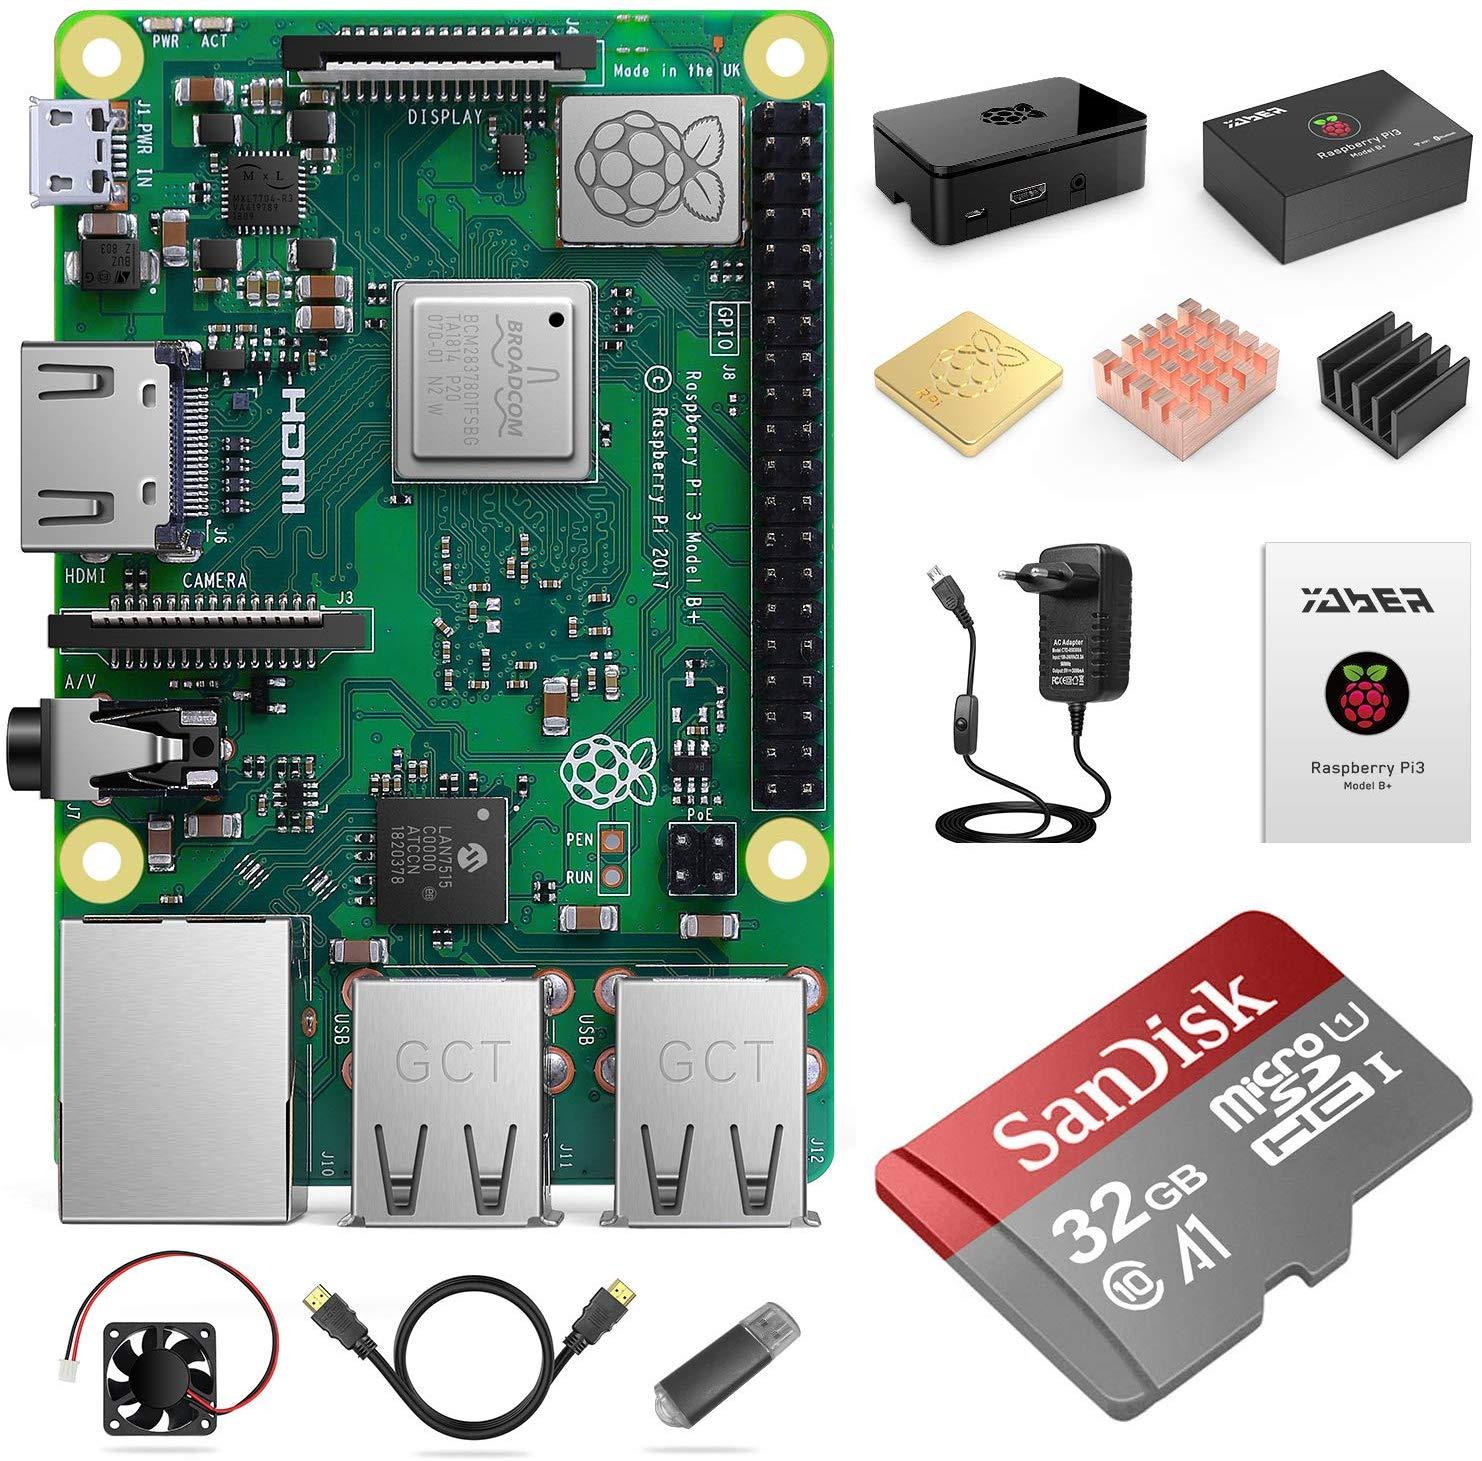 Kit de démarrage Yaber Raspberry Pi 3 + Accessoires (Vendeur tiers)